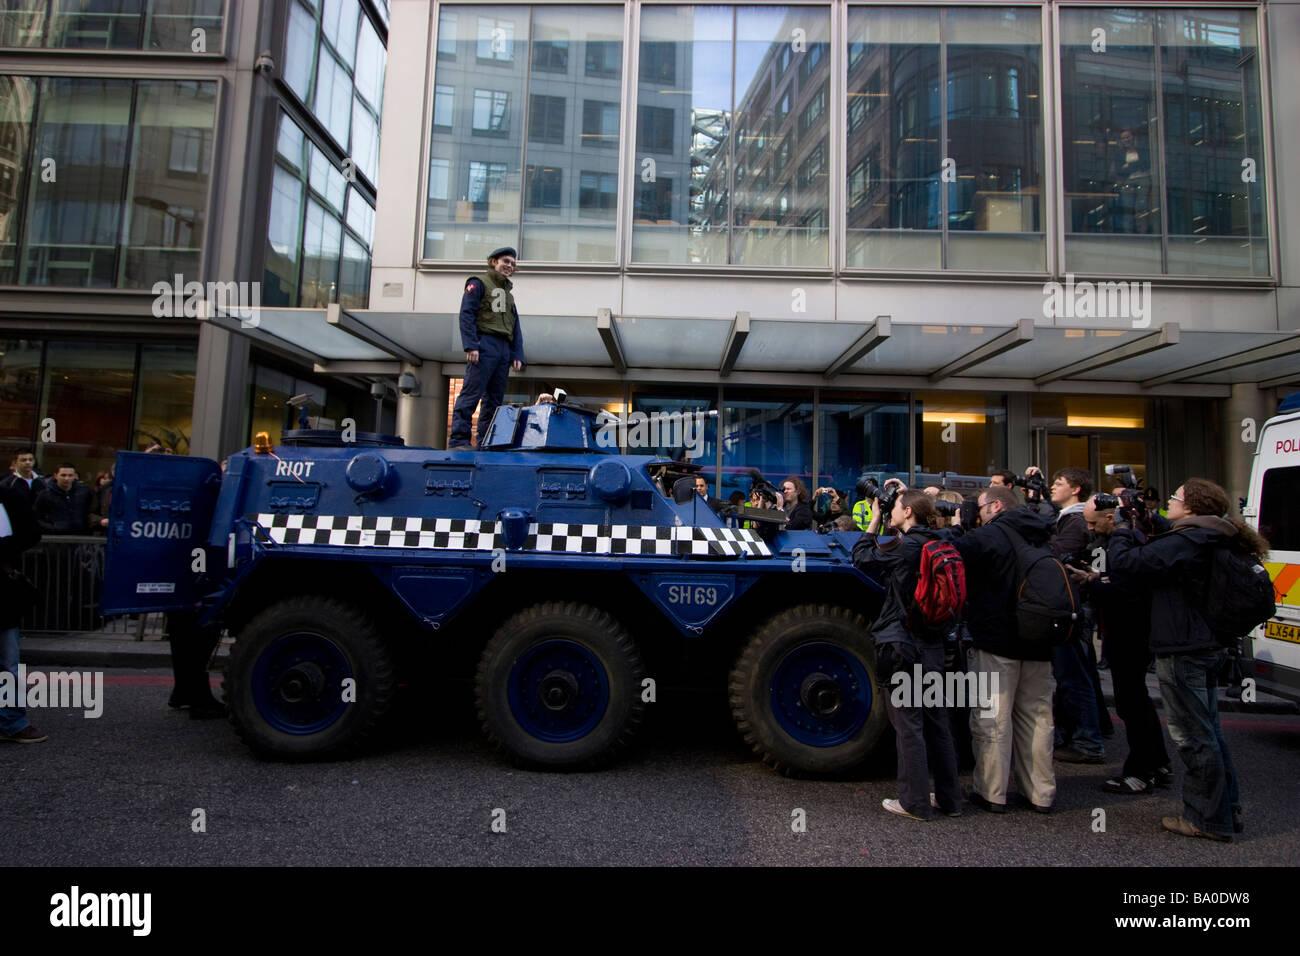 Demostración del G20 de Londres, secuestradores del espacio grupo anarquista en fake antidisturbios van fuera Imagen De Stock